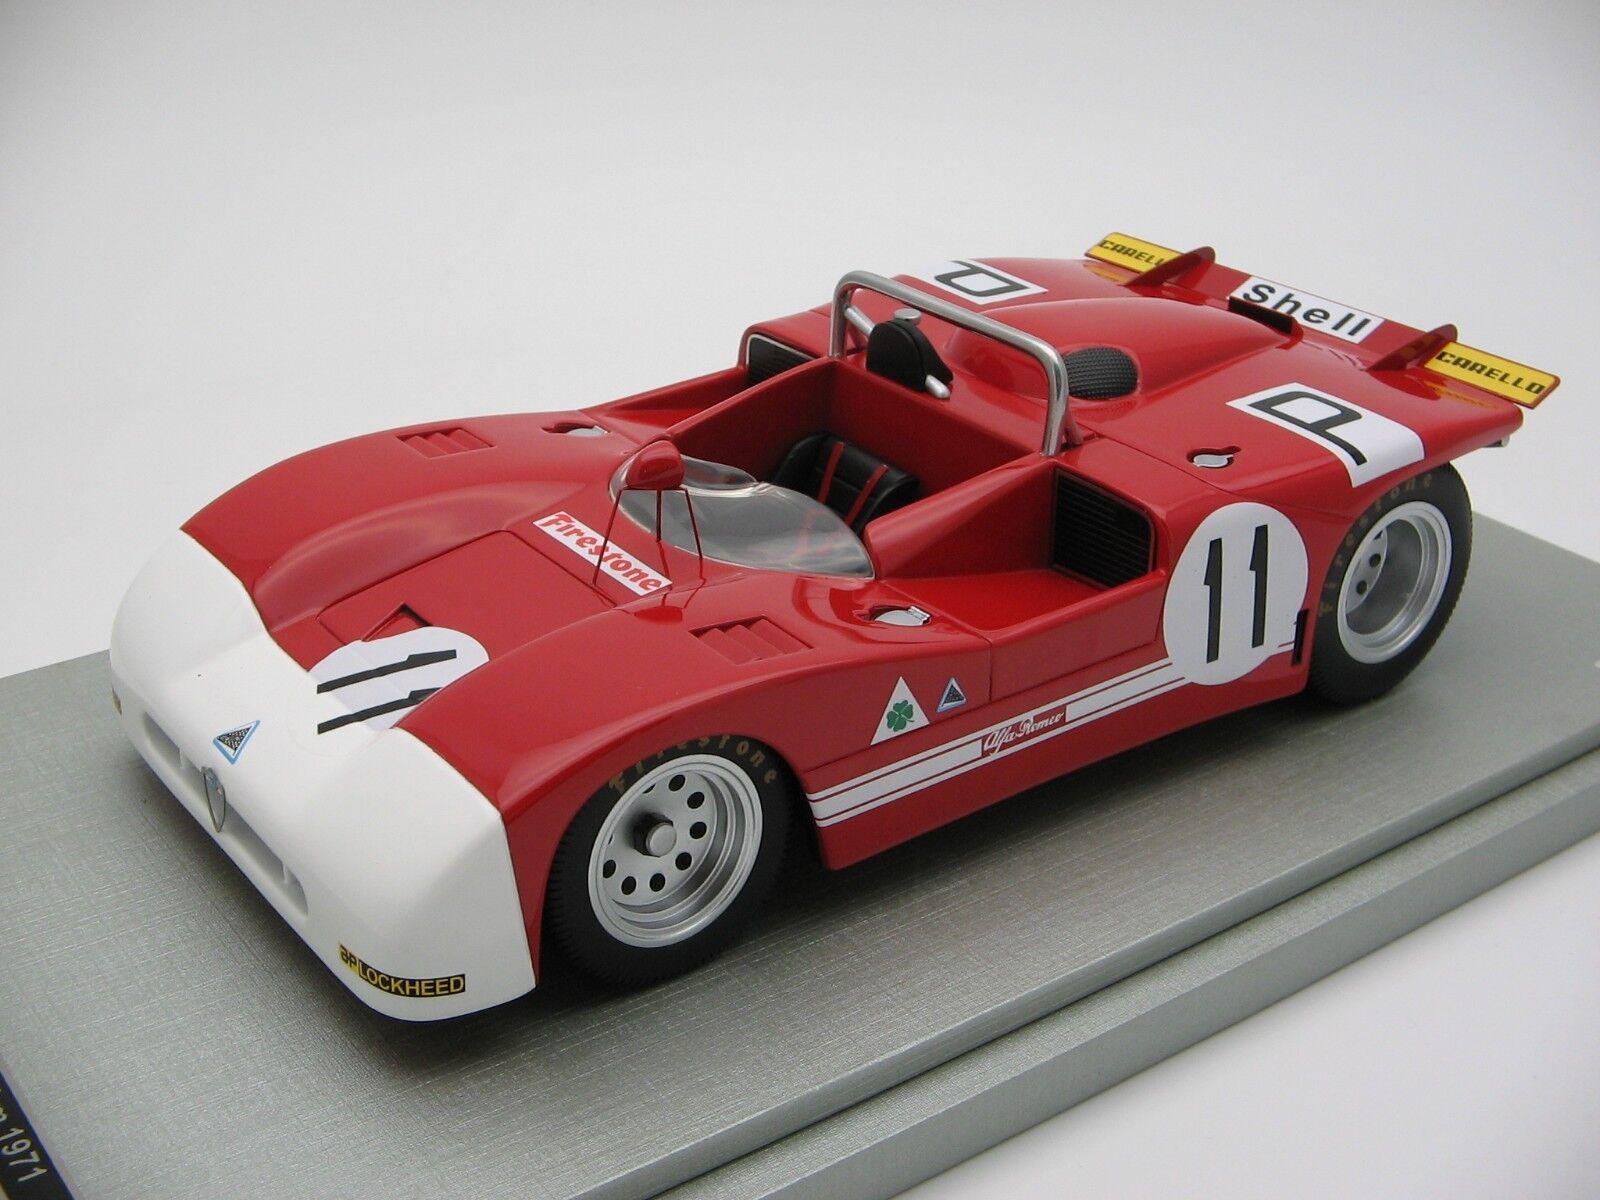 1 18 Scale Tecnomodel Alfa Romeo T33 3 Nurburgring 1000 km 1971 - TM18-50B